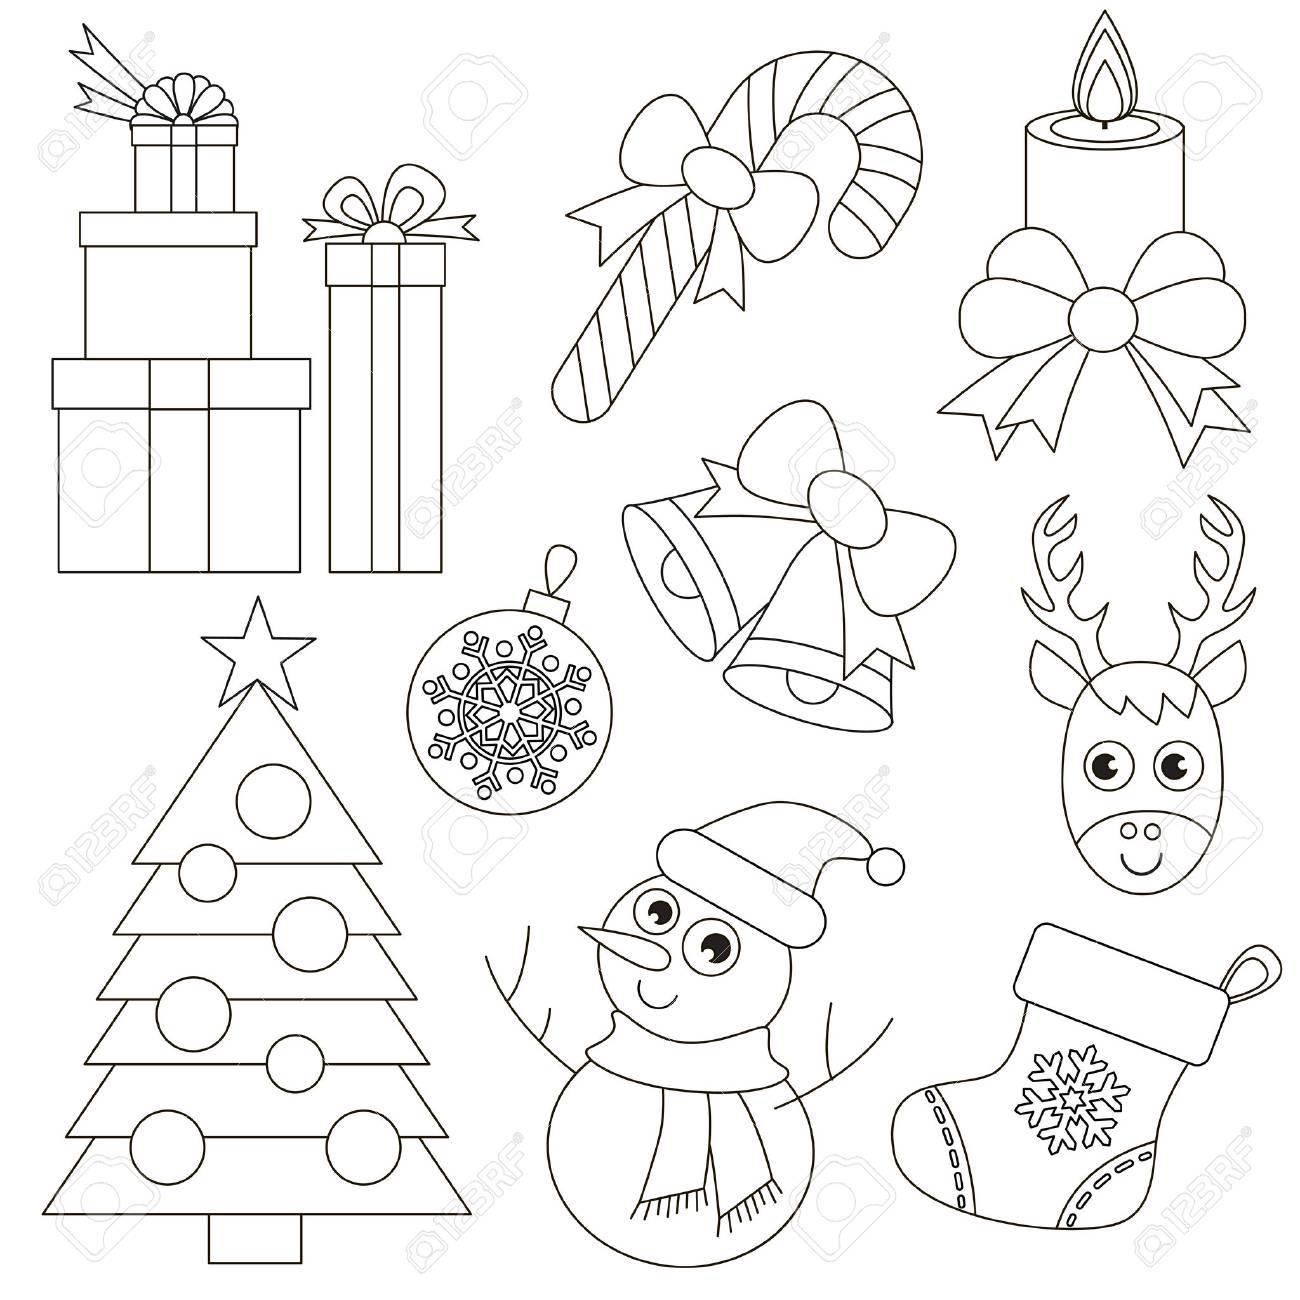 Jeu De Noël à Colorier Le Grand Livre De Coloriage Pour Les Enfants D âge Préscolaire Avec Un Niveau De Jeu éducatif Facile